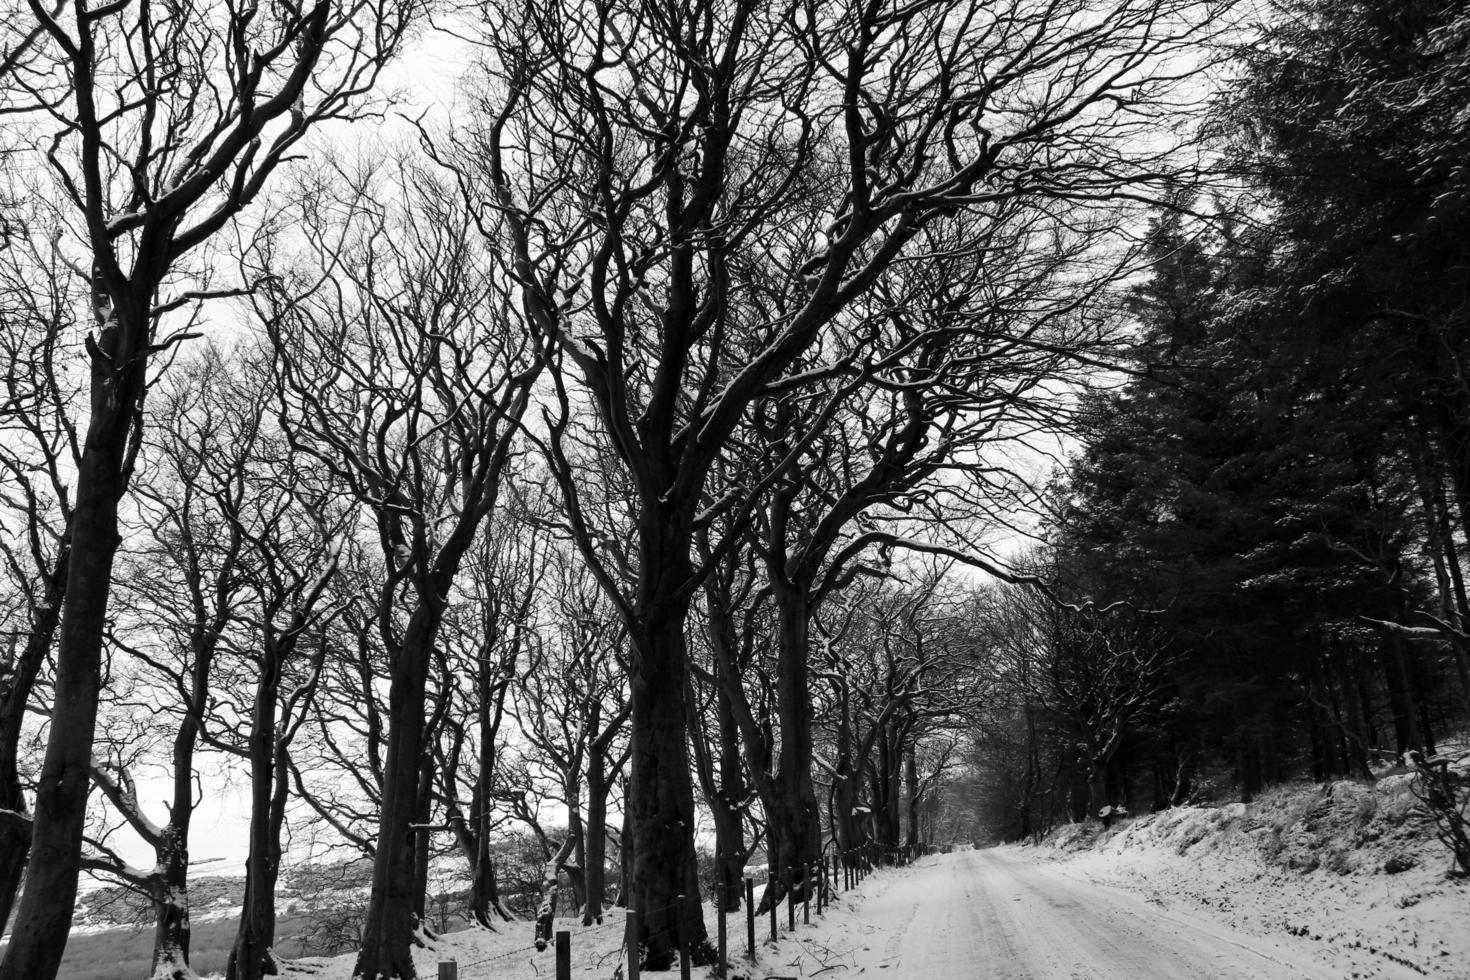 Graustufenfoto eines schneebedeckten Feldes mit kahlen Bäumen foto